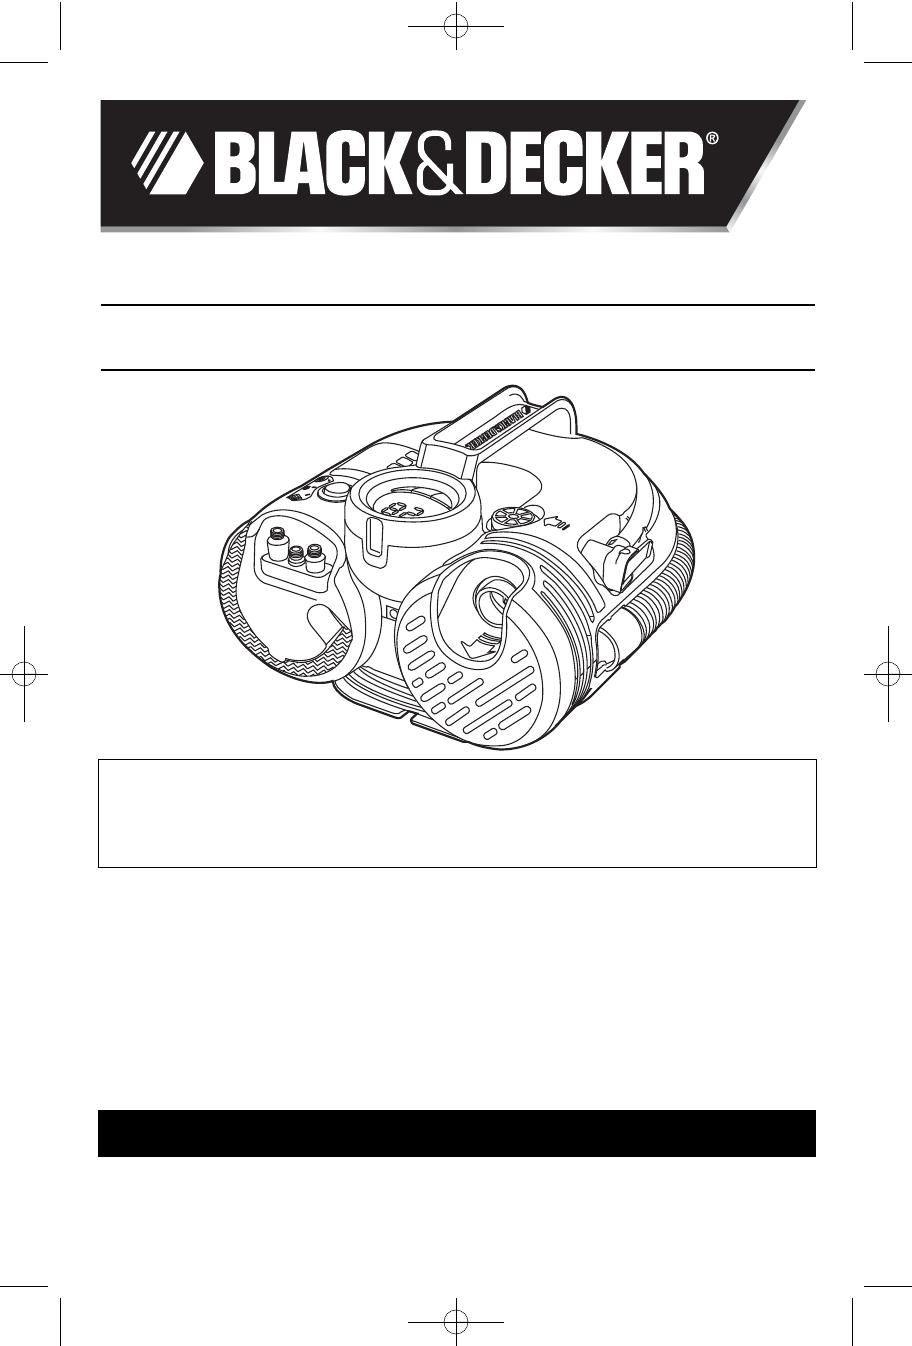 Black & decker asi300 manuals.